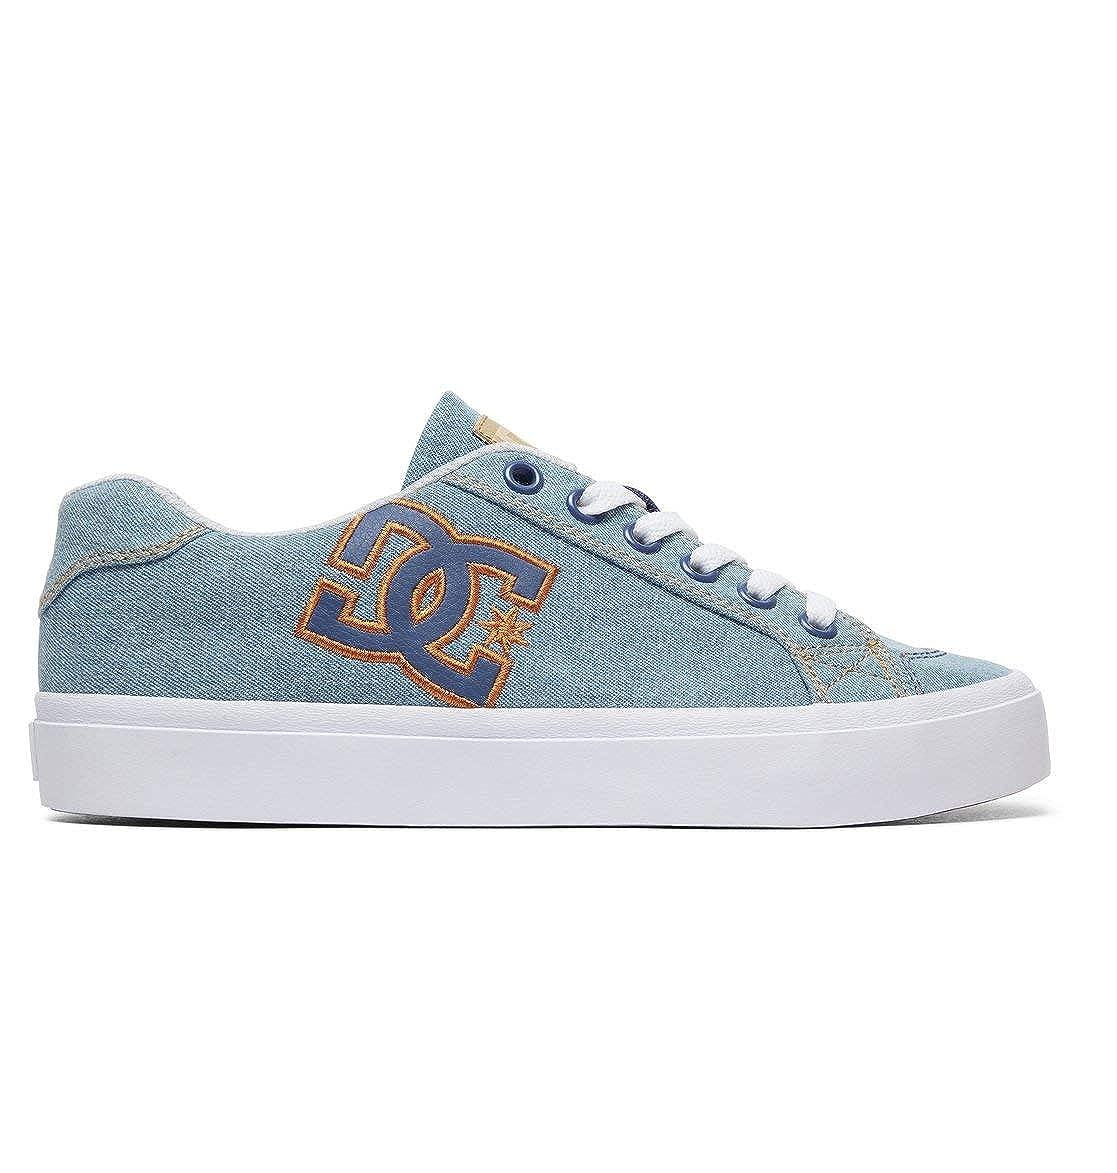 DC schuhe Chelsea Plus TX SE - Schuhe für Frauen ADJS300232  | Neues Produkt  | Klein und fein  | Neue Sorten werden eingeführt